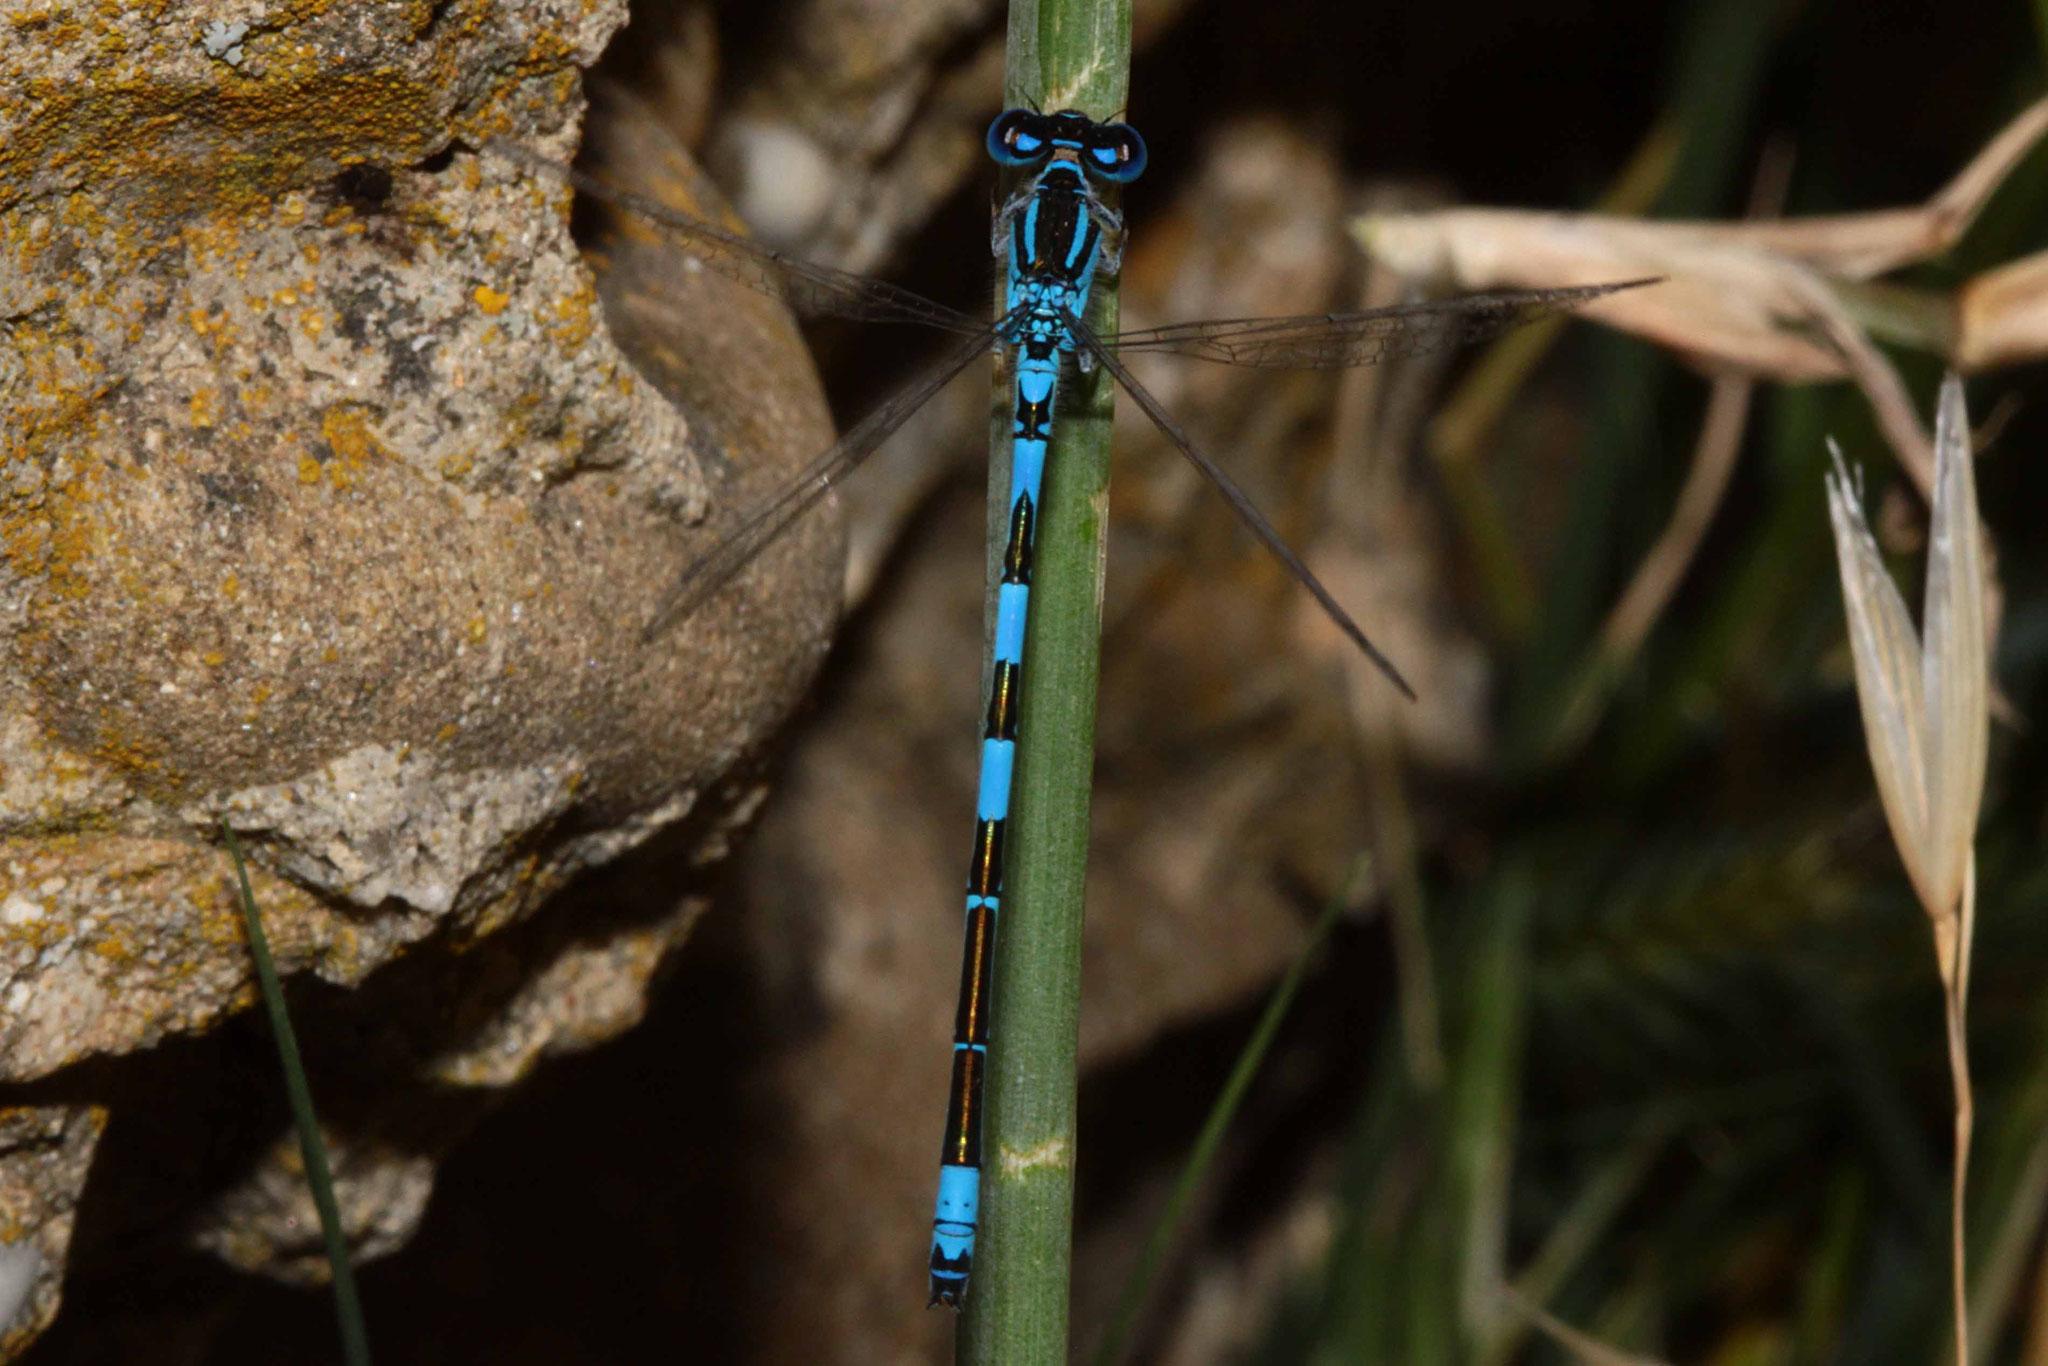 Südliche Azurjungfer, Coenagrion caerulescens, Männchen, (Südfrankreich).